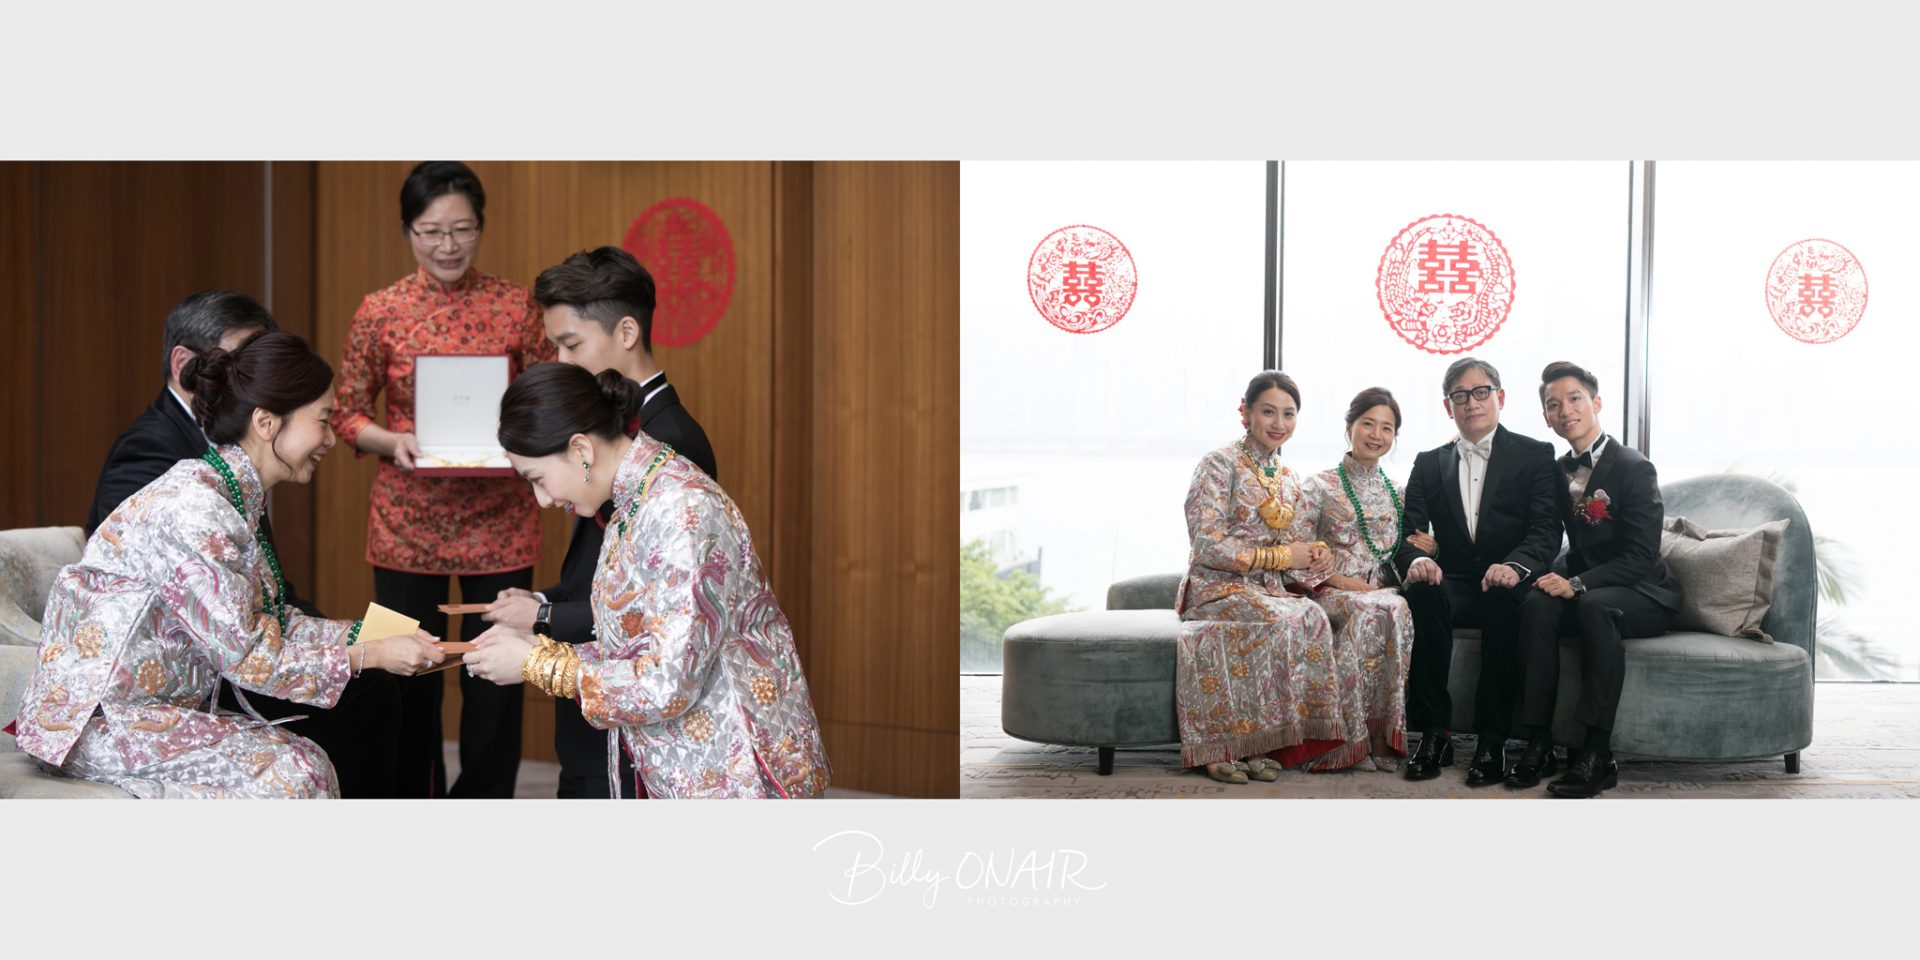 weddingphoto_15